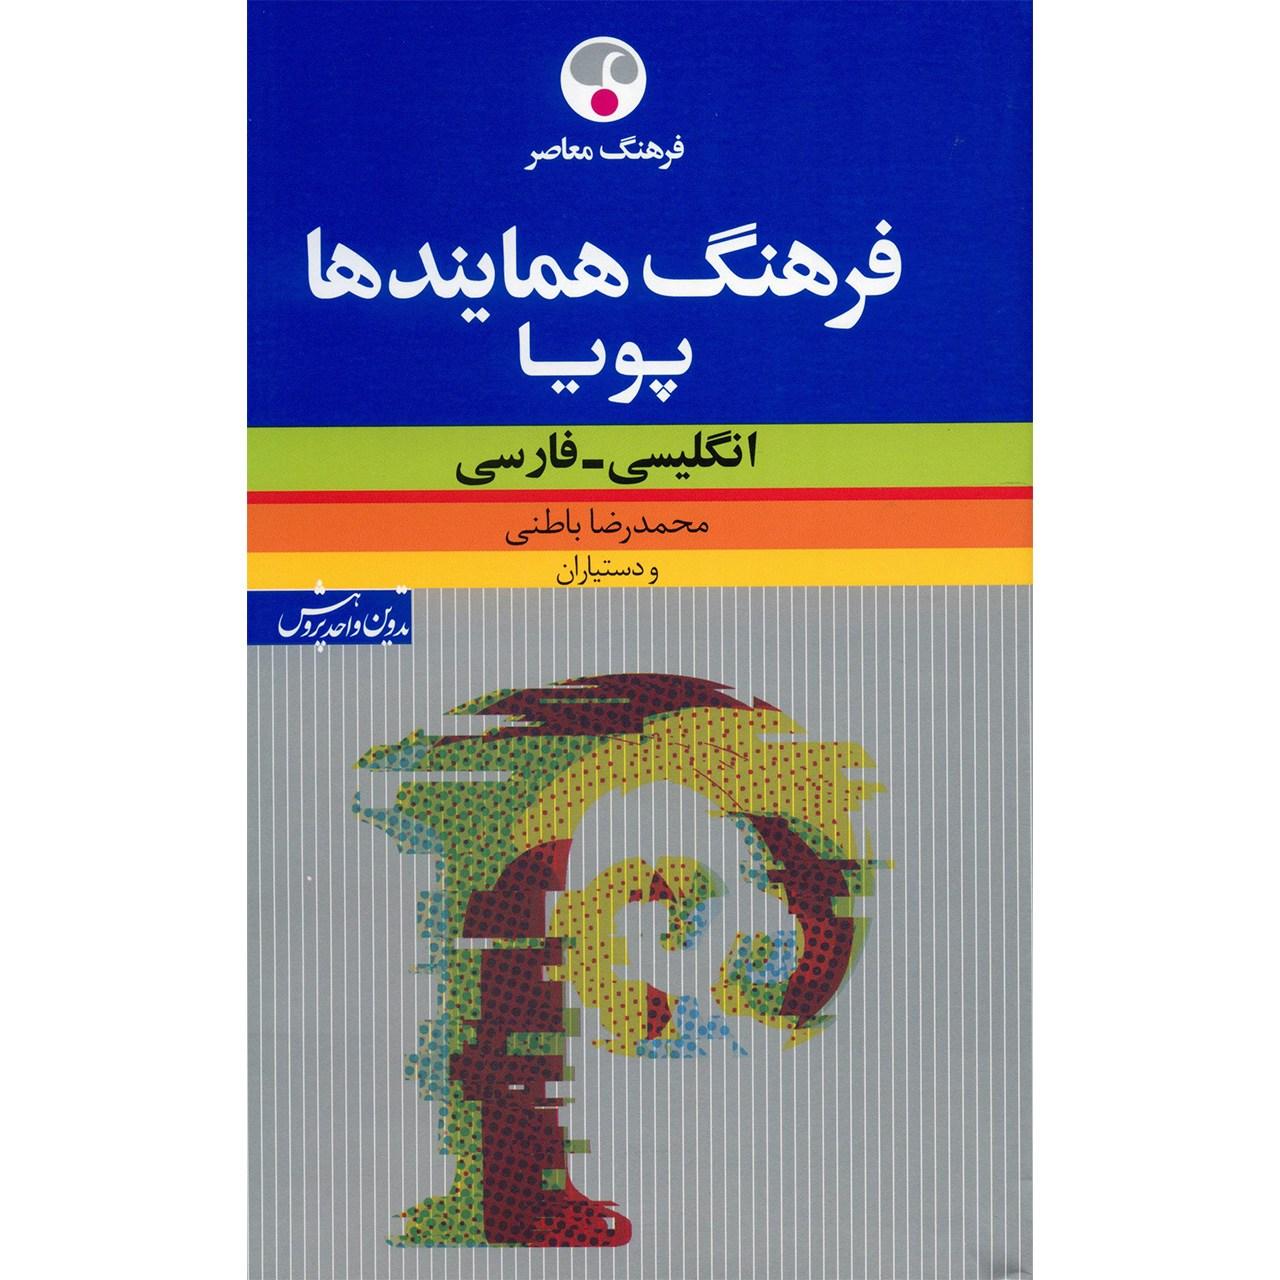 کتاب فرهنگ همایندها پویا انگلیسی - فارسی اثر محمدرضا باطنی